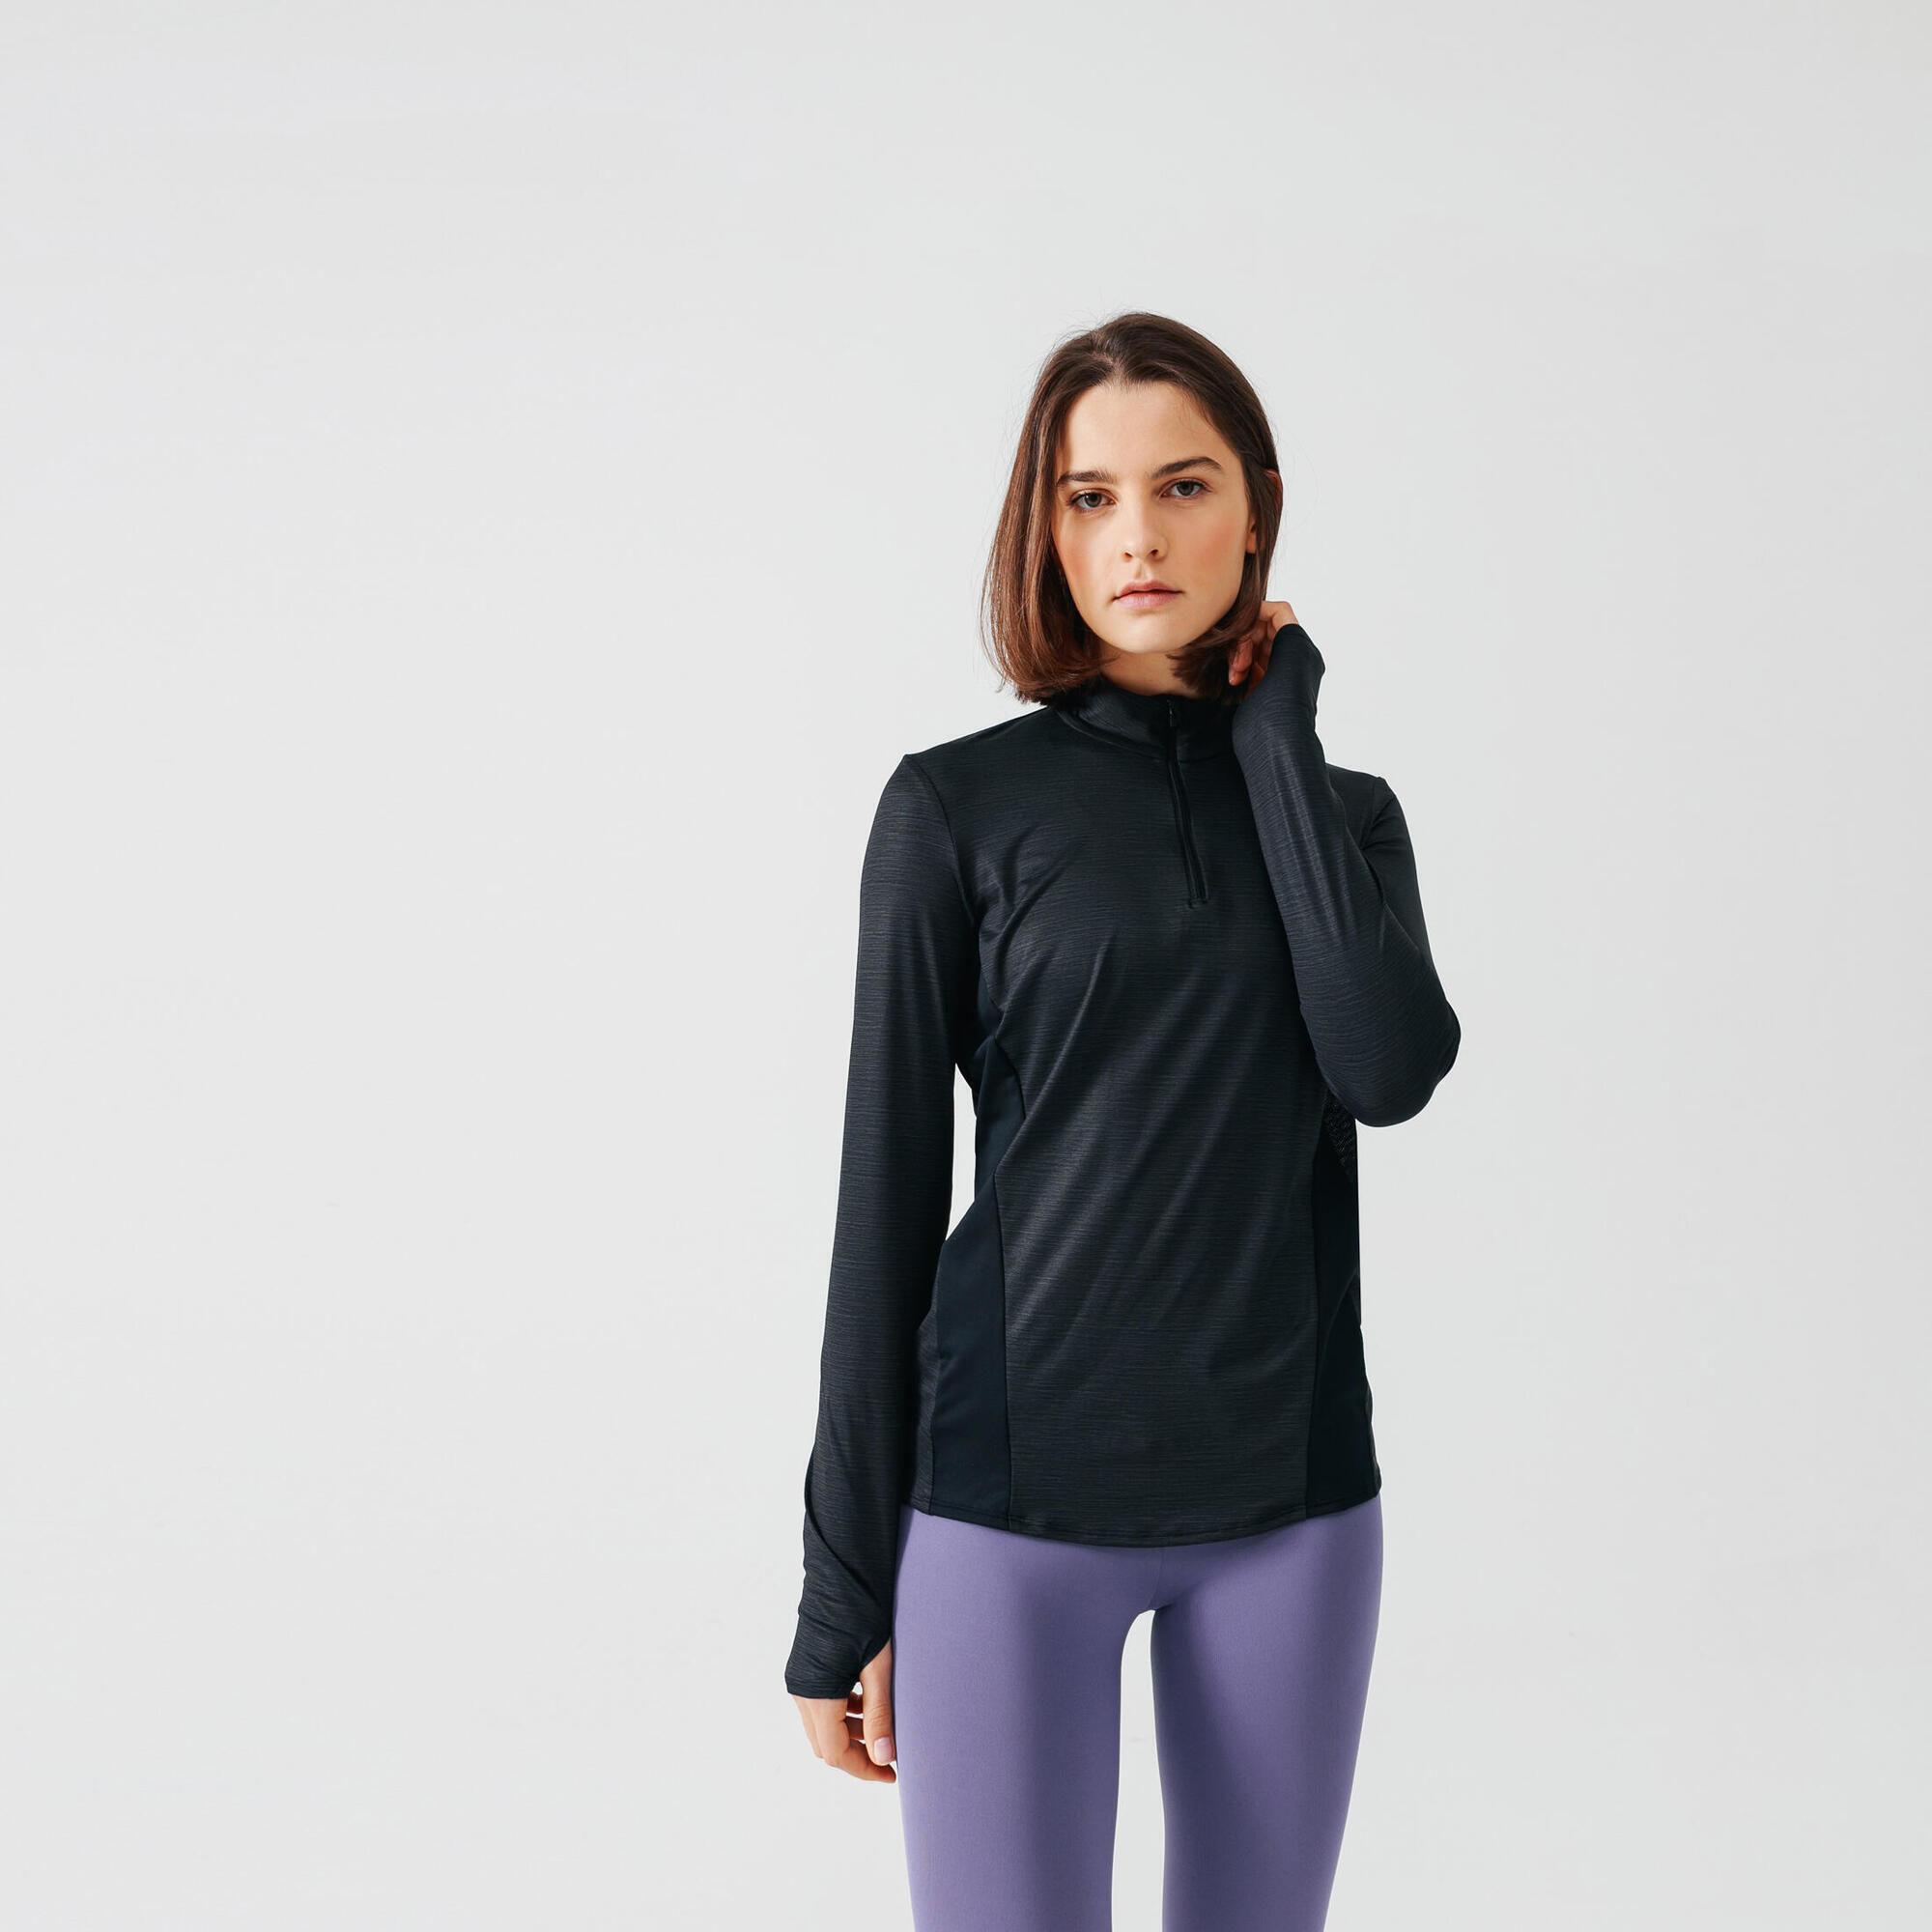 Koszulka damska do biegania z długim rękawem Kalenji RUN DRY+